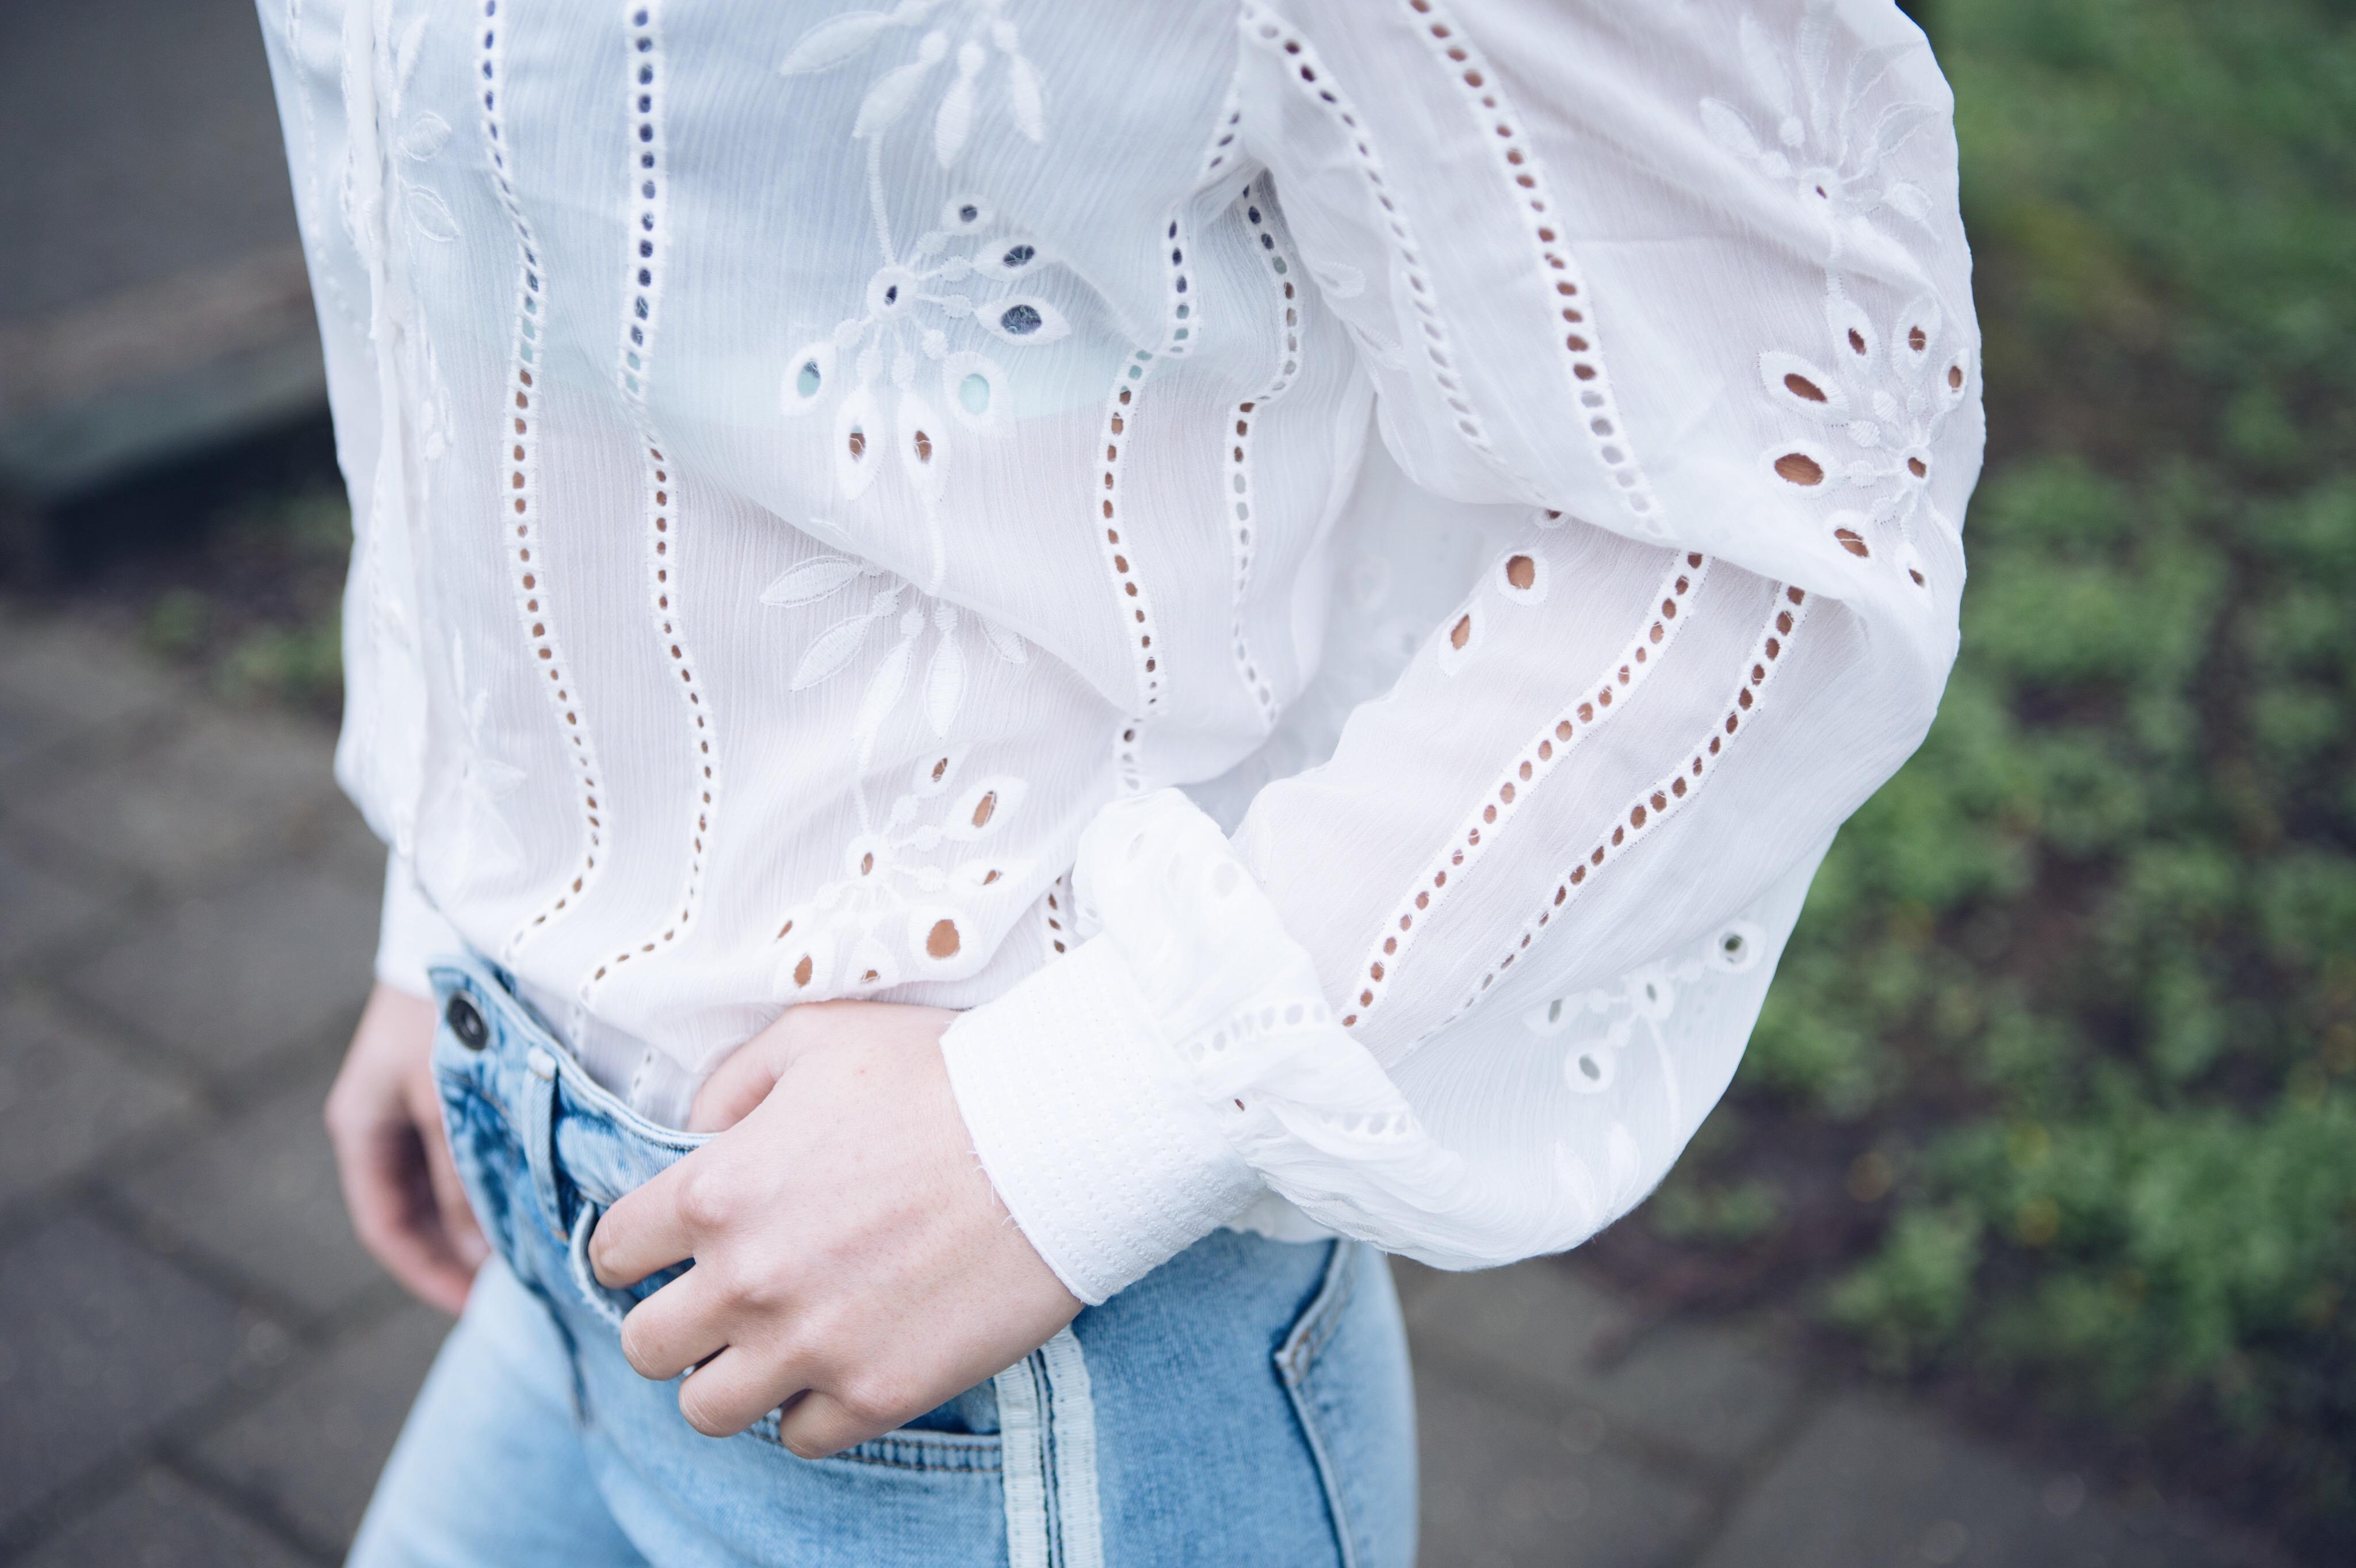 OPEN32, open32, outfit, ootd, spijkerbroek, blouse, wit, licht, spijker, xmariekie, blog, blogger, pernillecoryndon, pernille coryndon, calvinklein, calvin klein, sneakers, vandalen, tasje, happy, smile, zomer, look, lookje